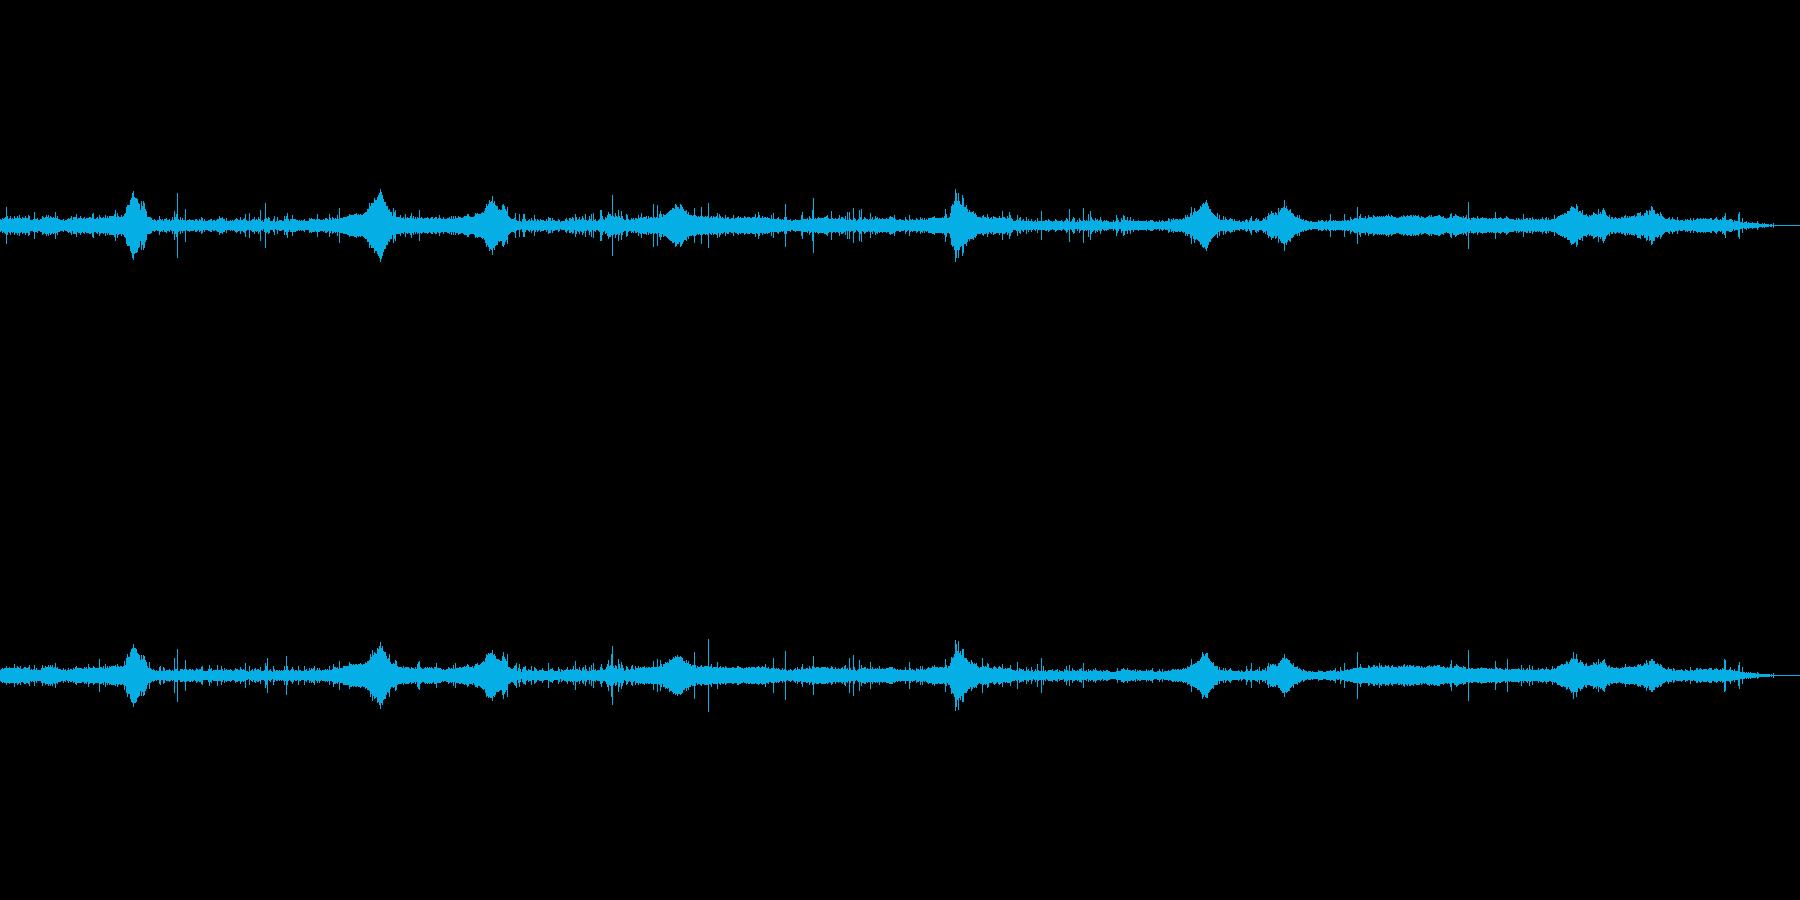 雨の音(ザー・パチパチ)鳥の声+車の音の再生済みの波形